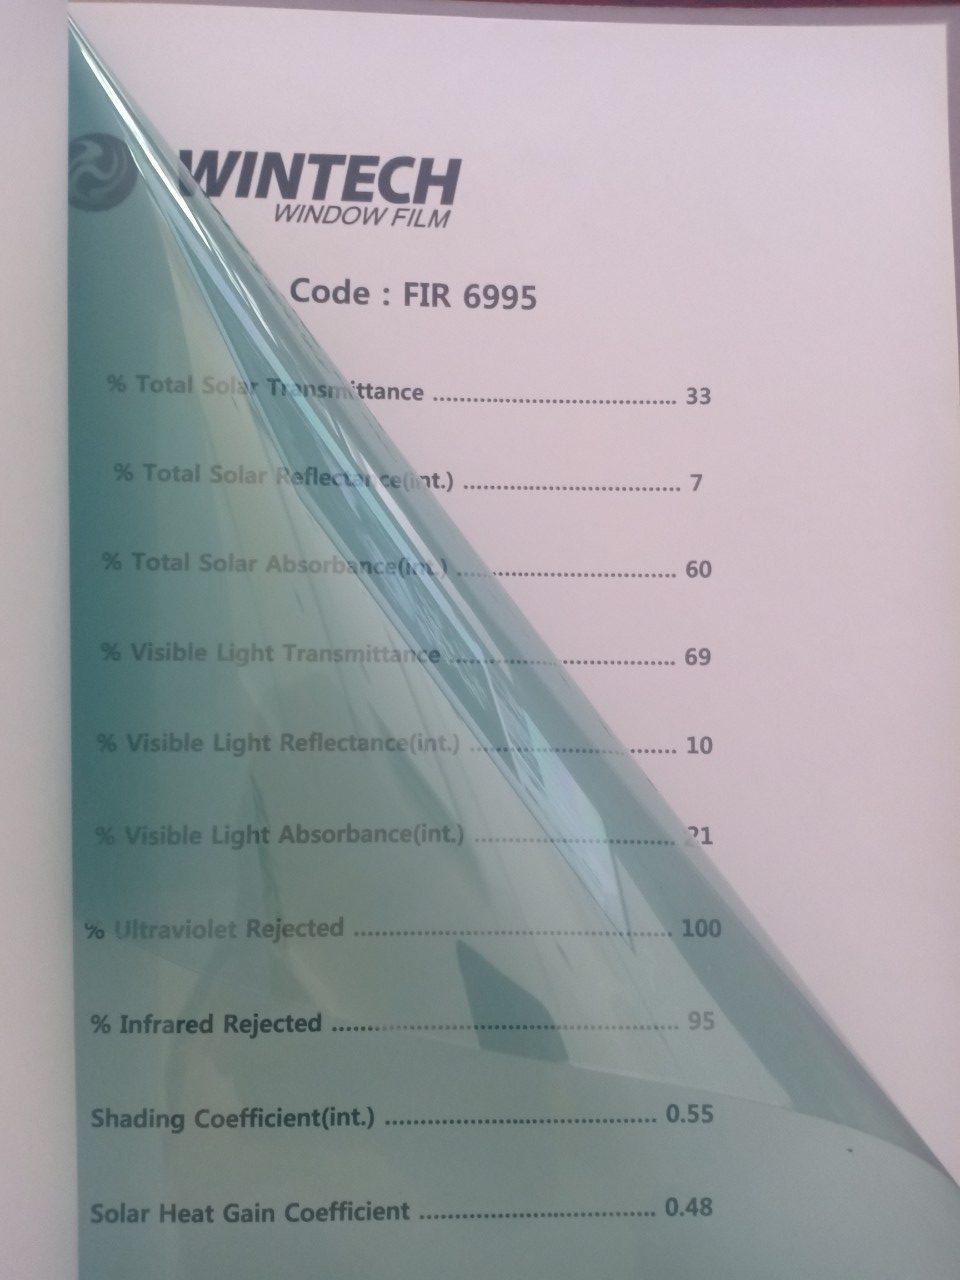 wintechfilm-fir-6995